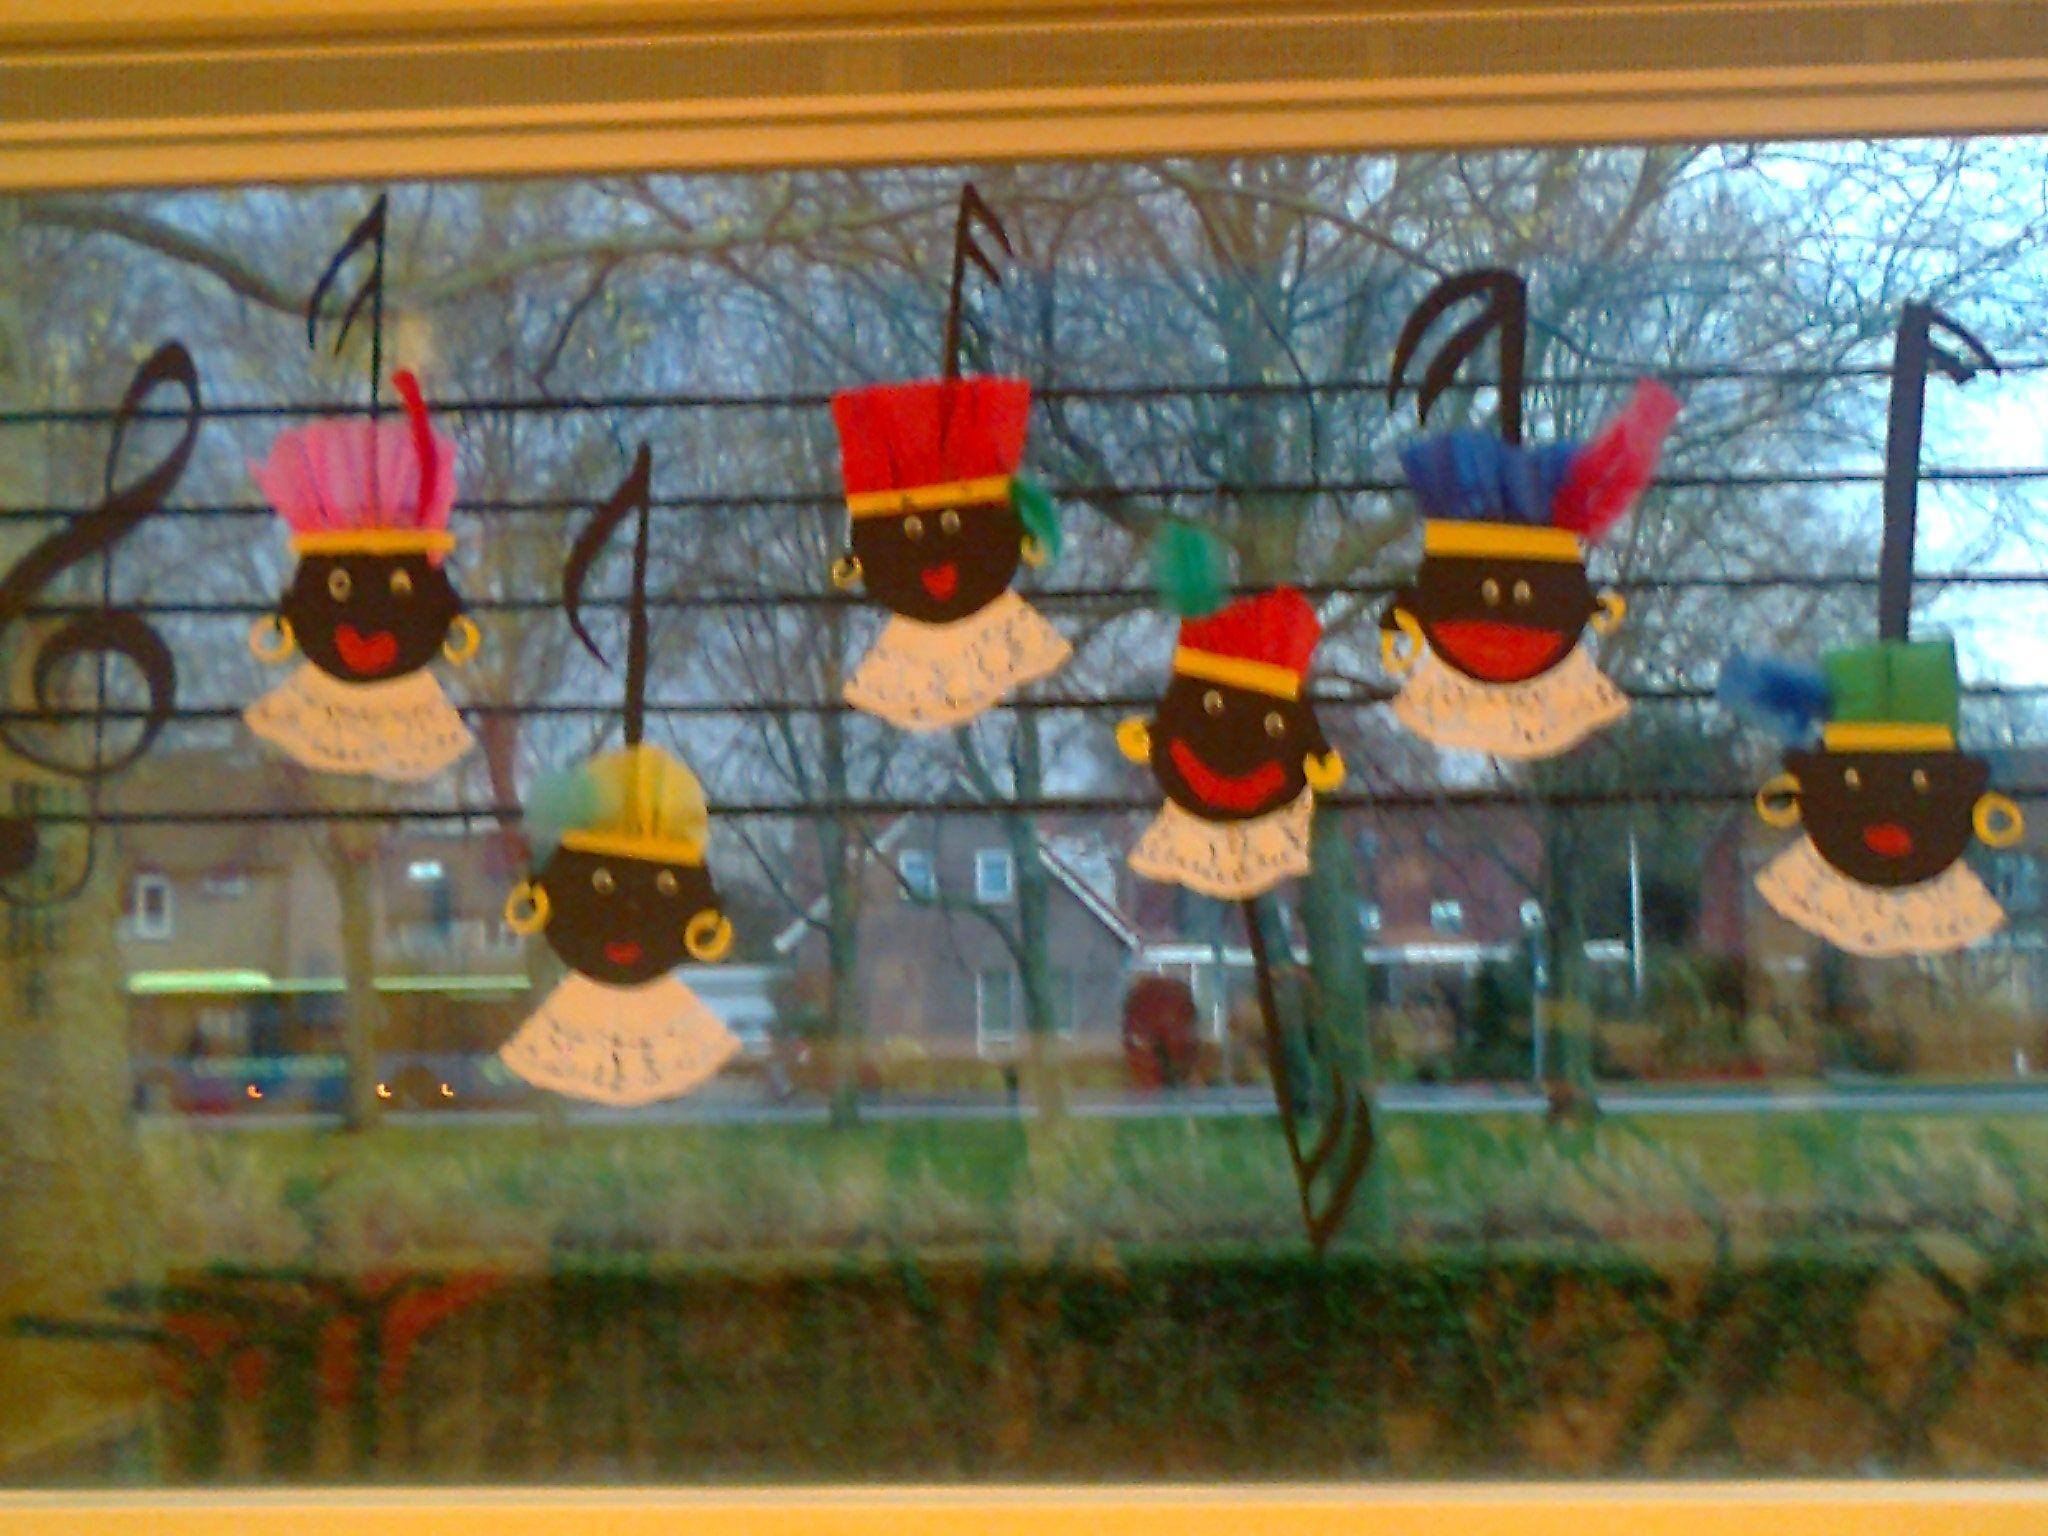 Muzieknootpietjes  Met verf strepen op het raam maken  Van een rond zwart vouwblaadje